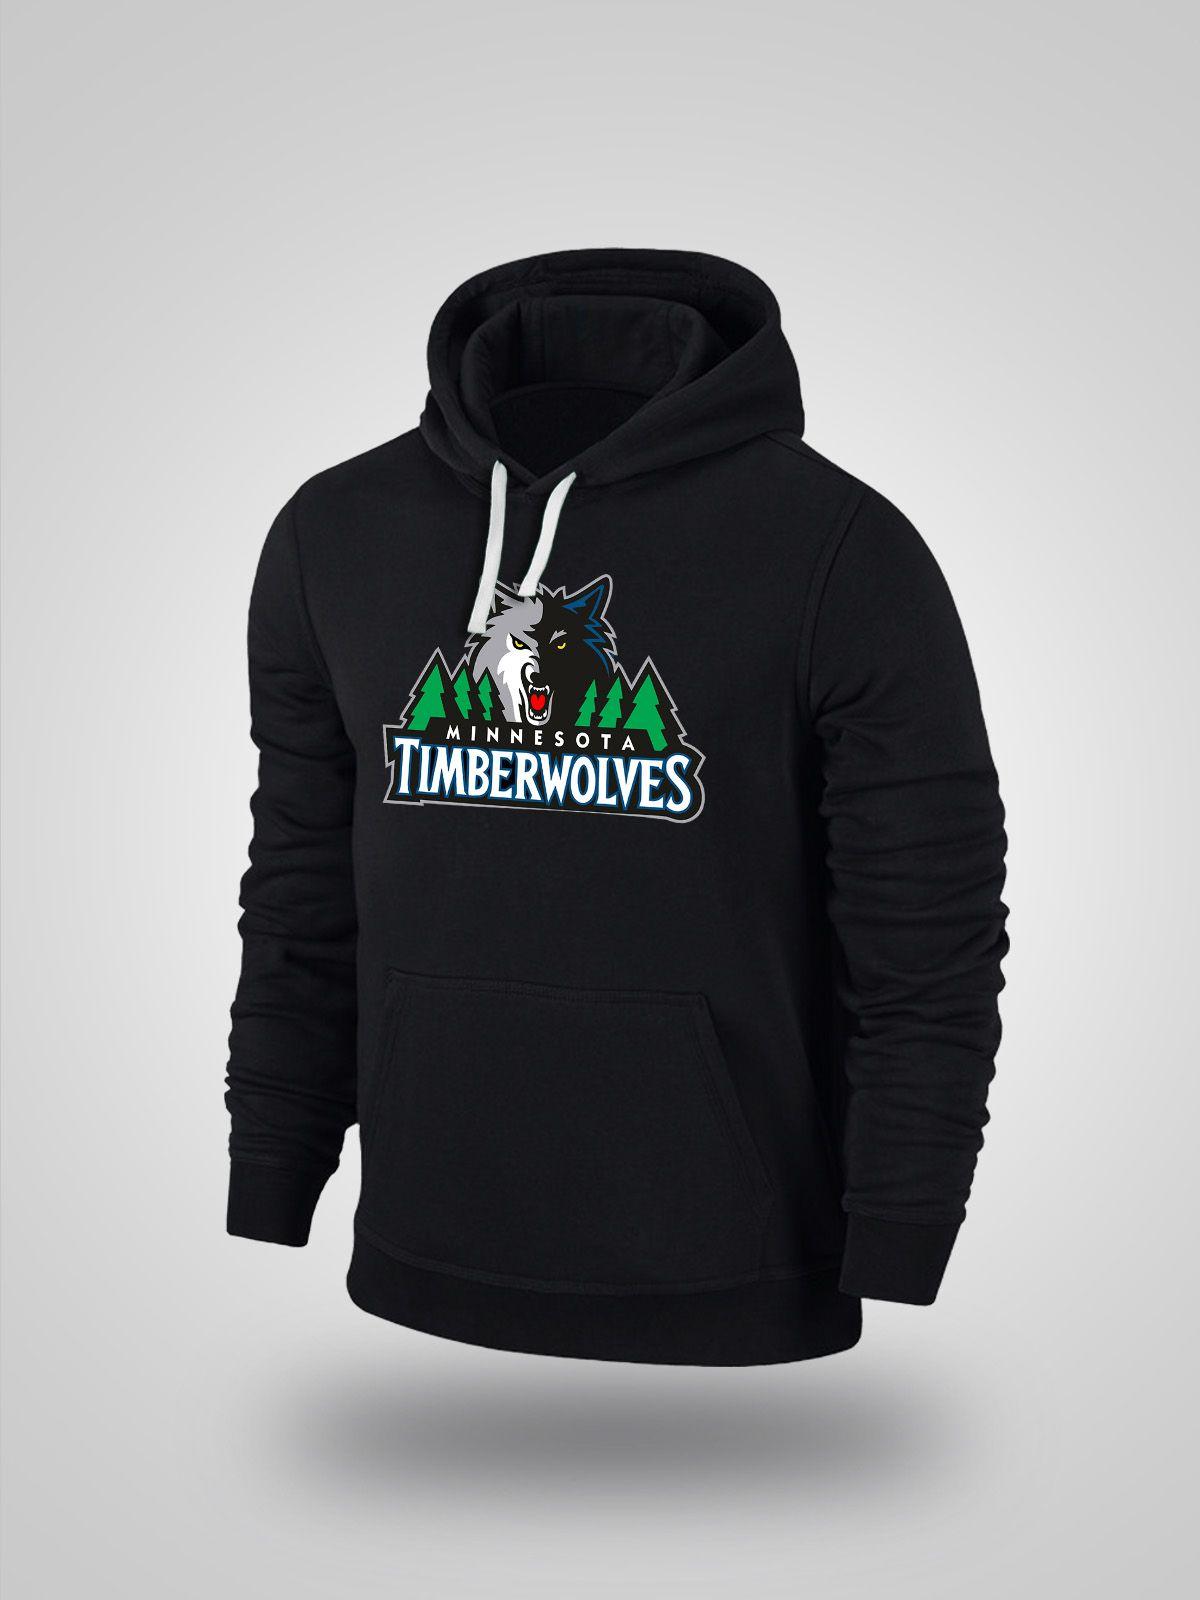 28 Fascinating Timberwolves Hoodie Smart Ideas Hoodies